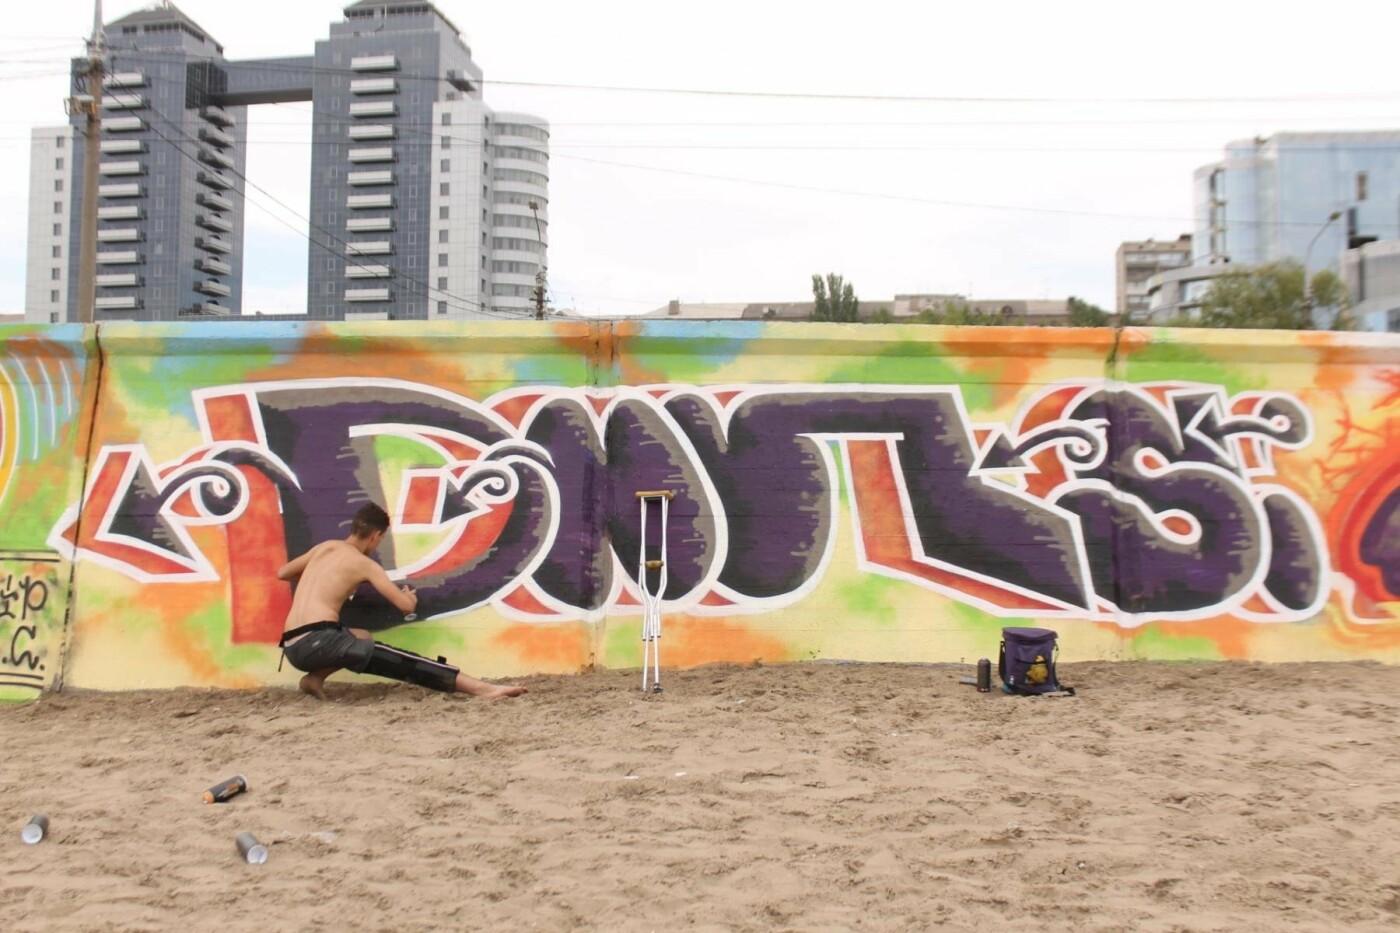 В Запорожье на пляже закончился фестиваль граффити: разрисовали 150 метров бетонной стены, – ФОТОРЕПОРТАЖ, фото-6